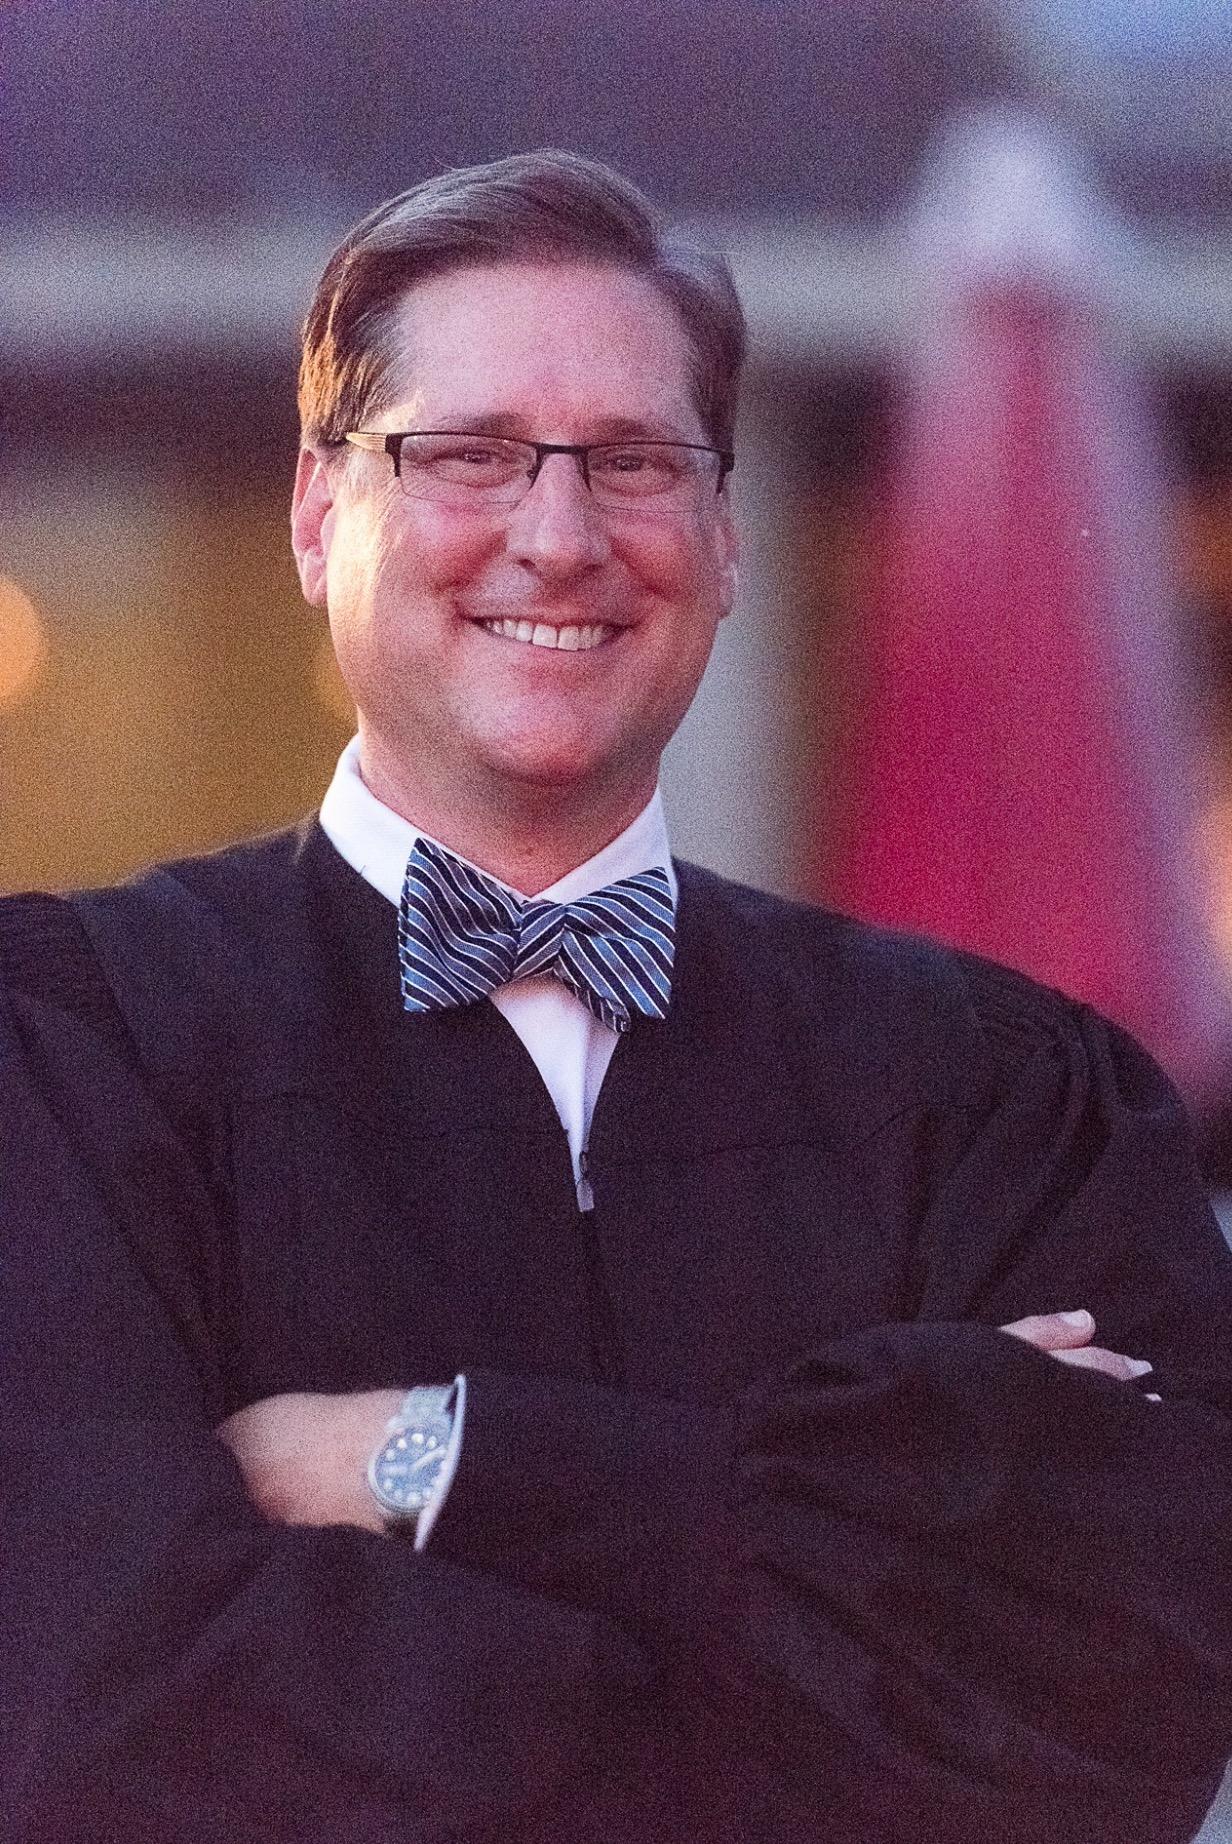 Judge Jerry Simoneaux